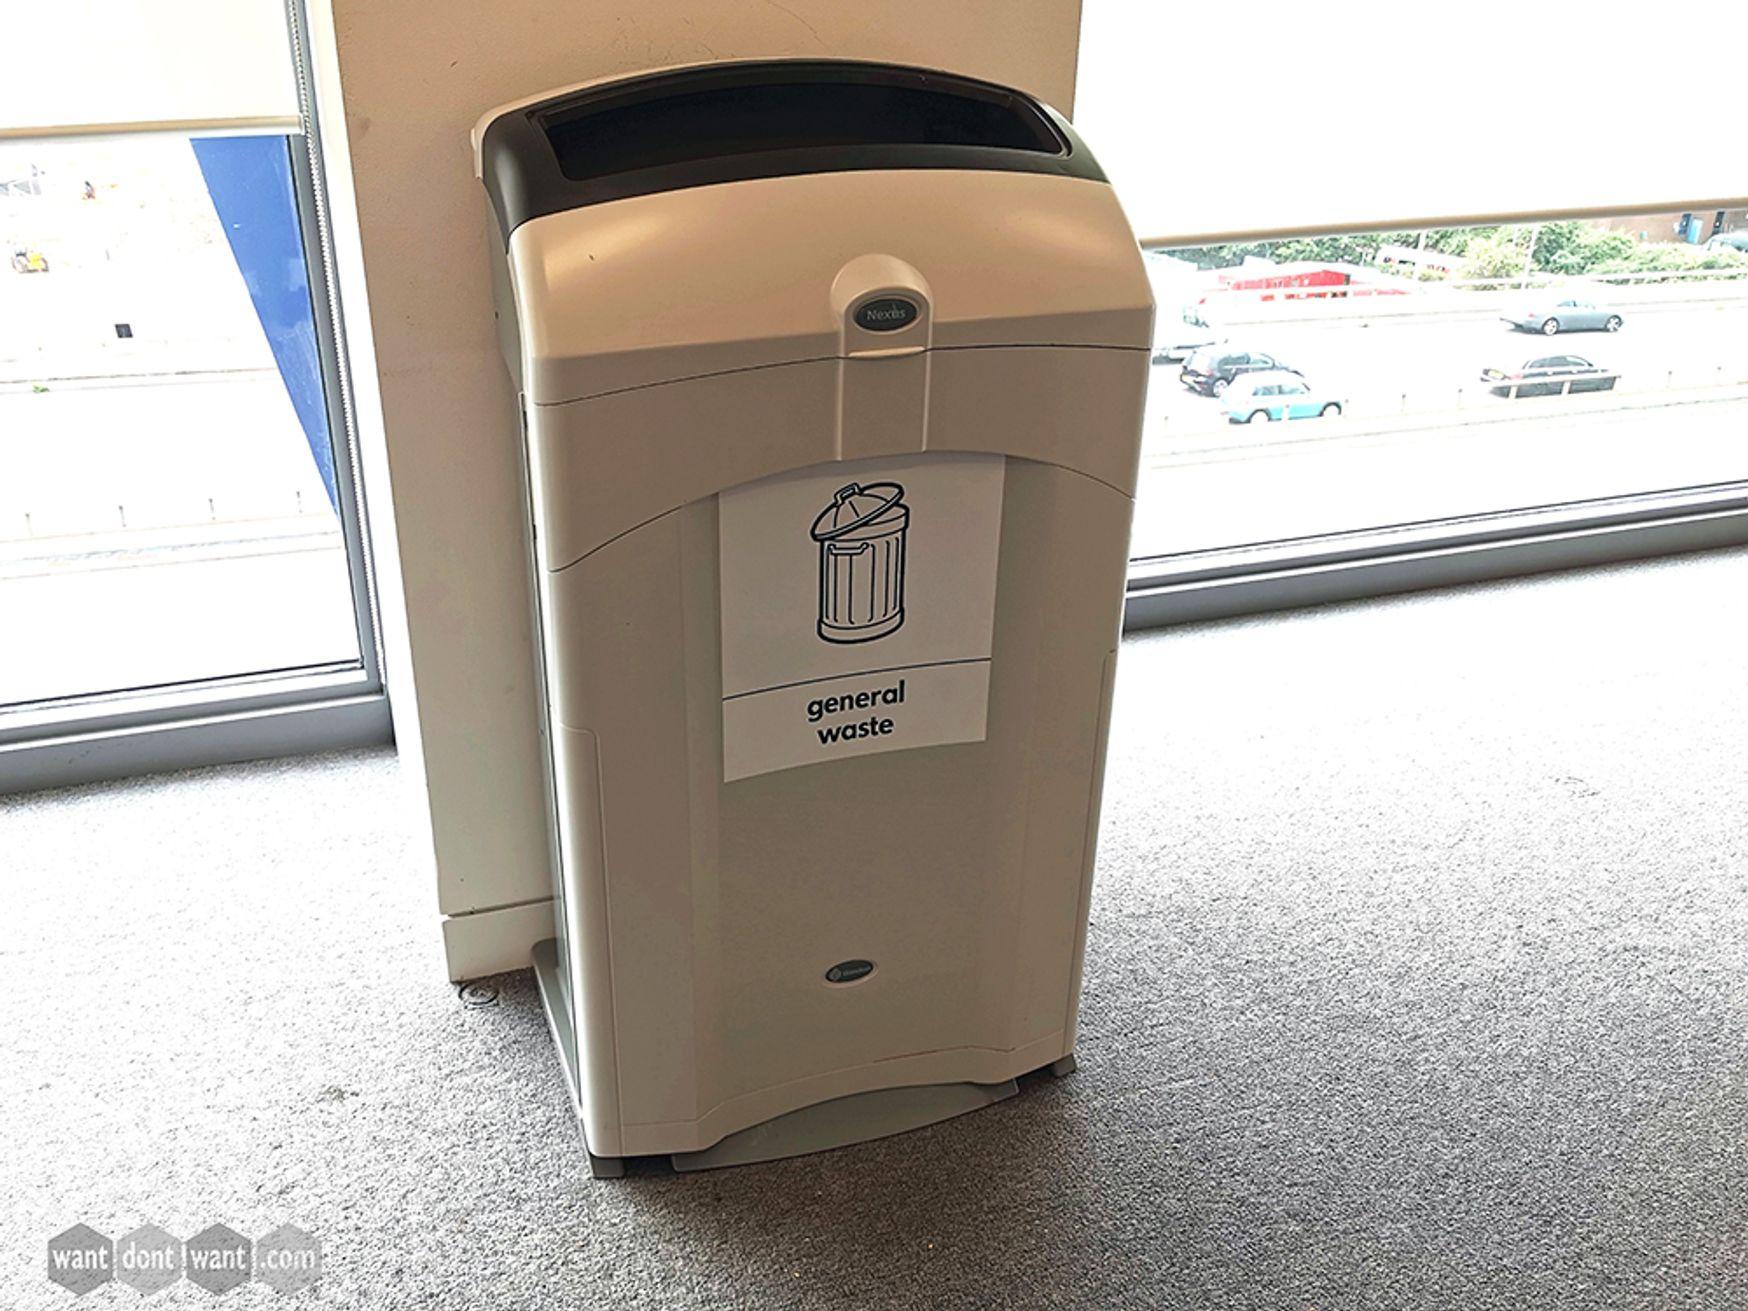 Used Nexus 100 General Waste Recycling Bins